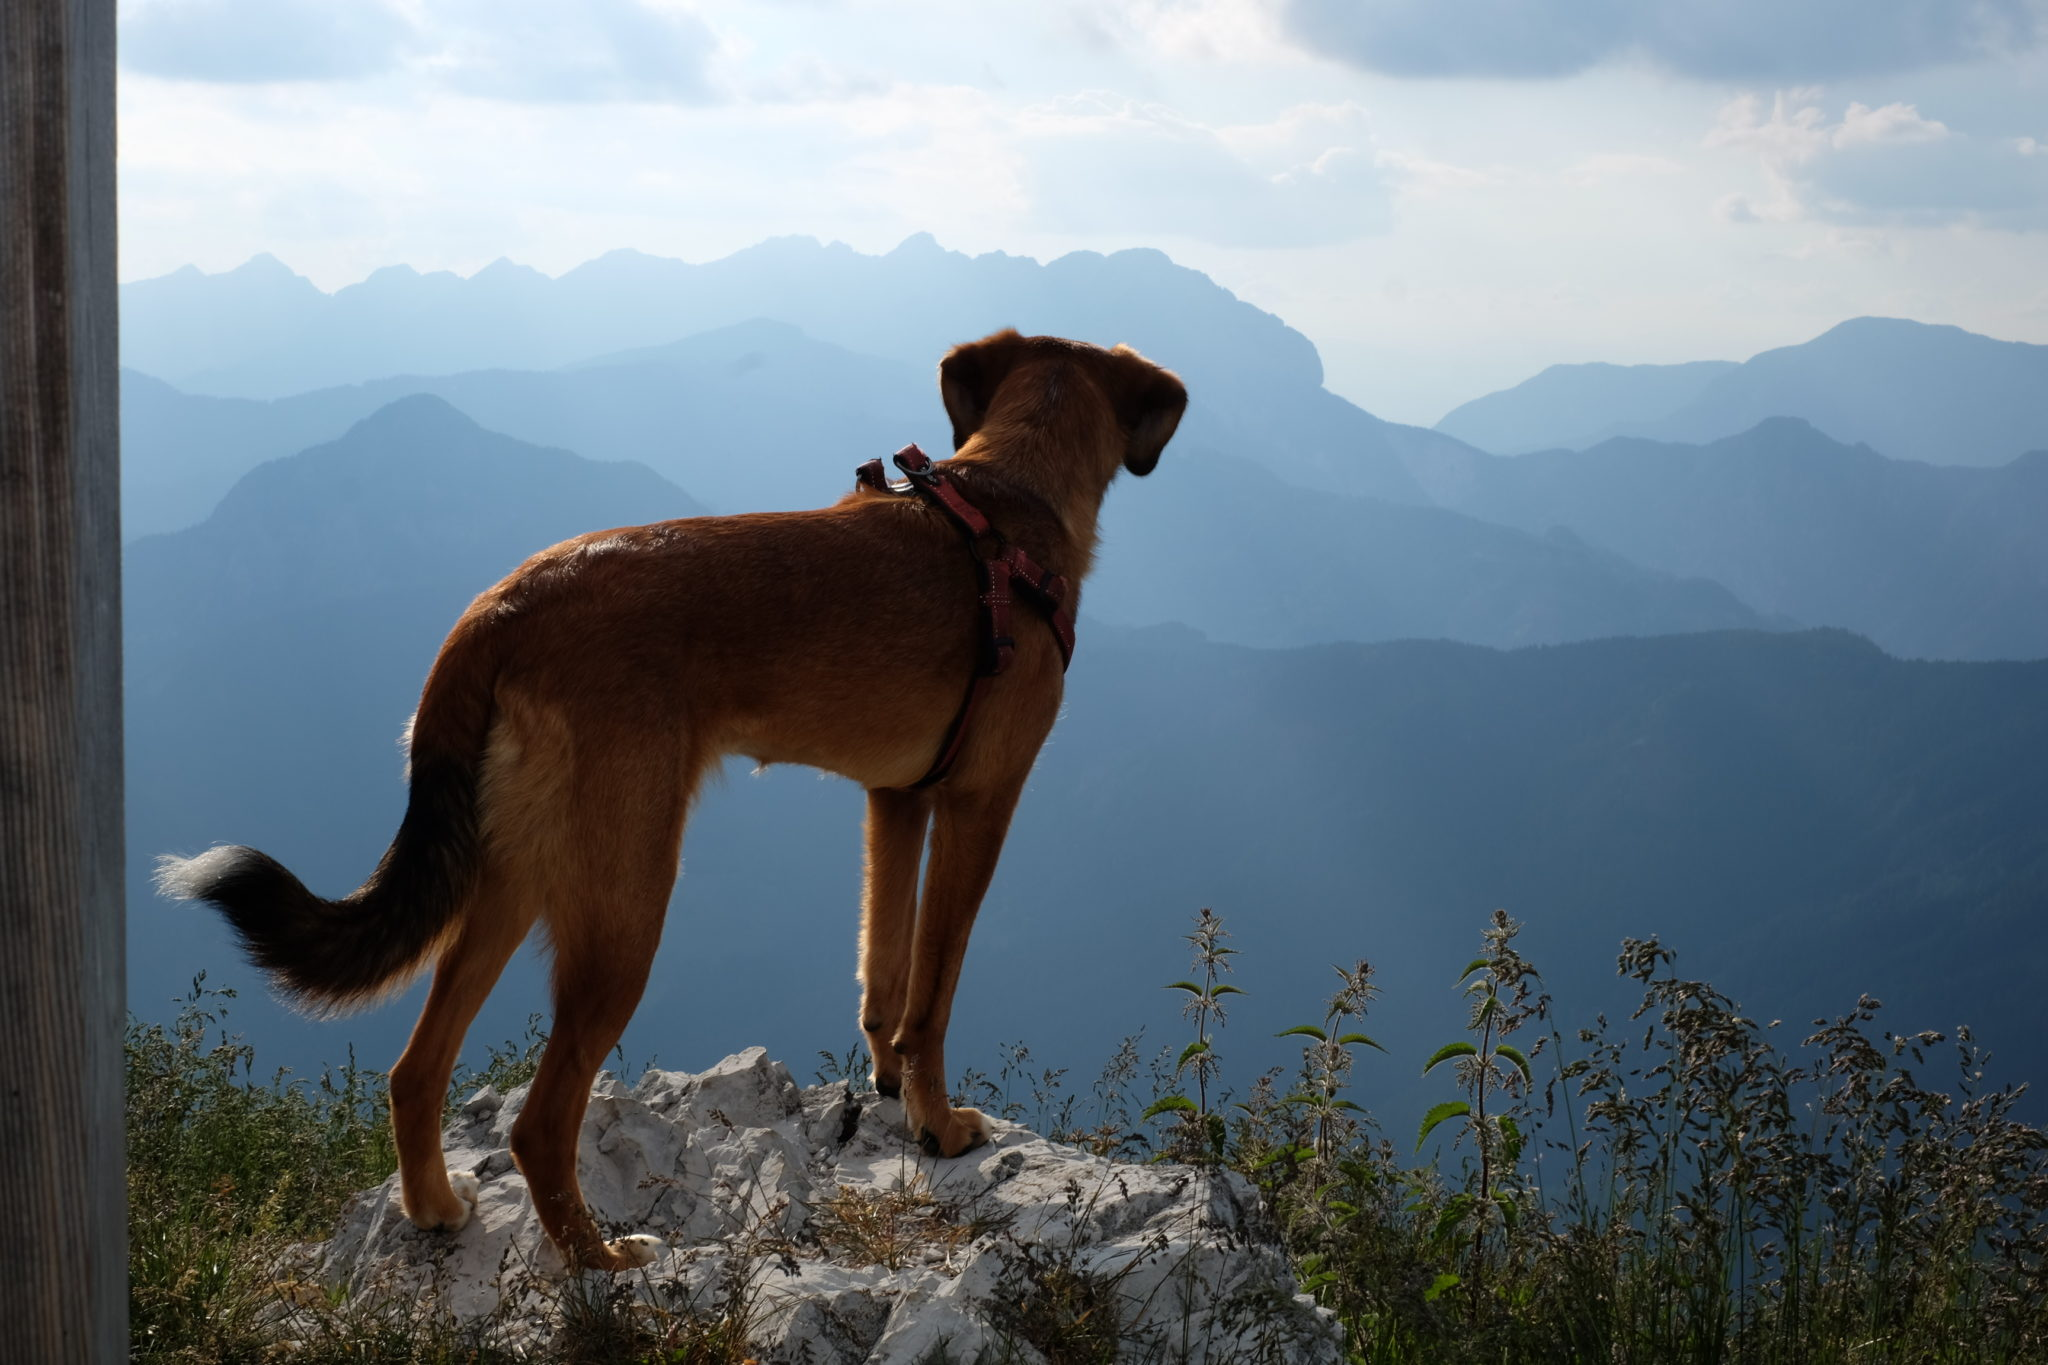 A dog hiking Goli Vrh, the Kamnik-Savinja Alps, Slovenia